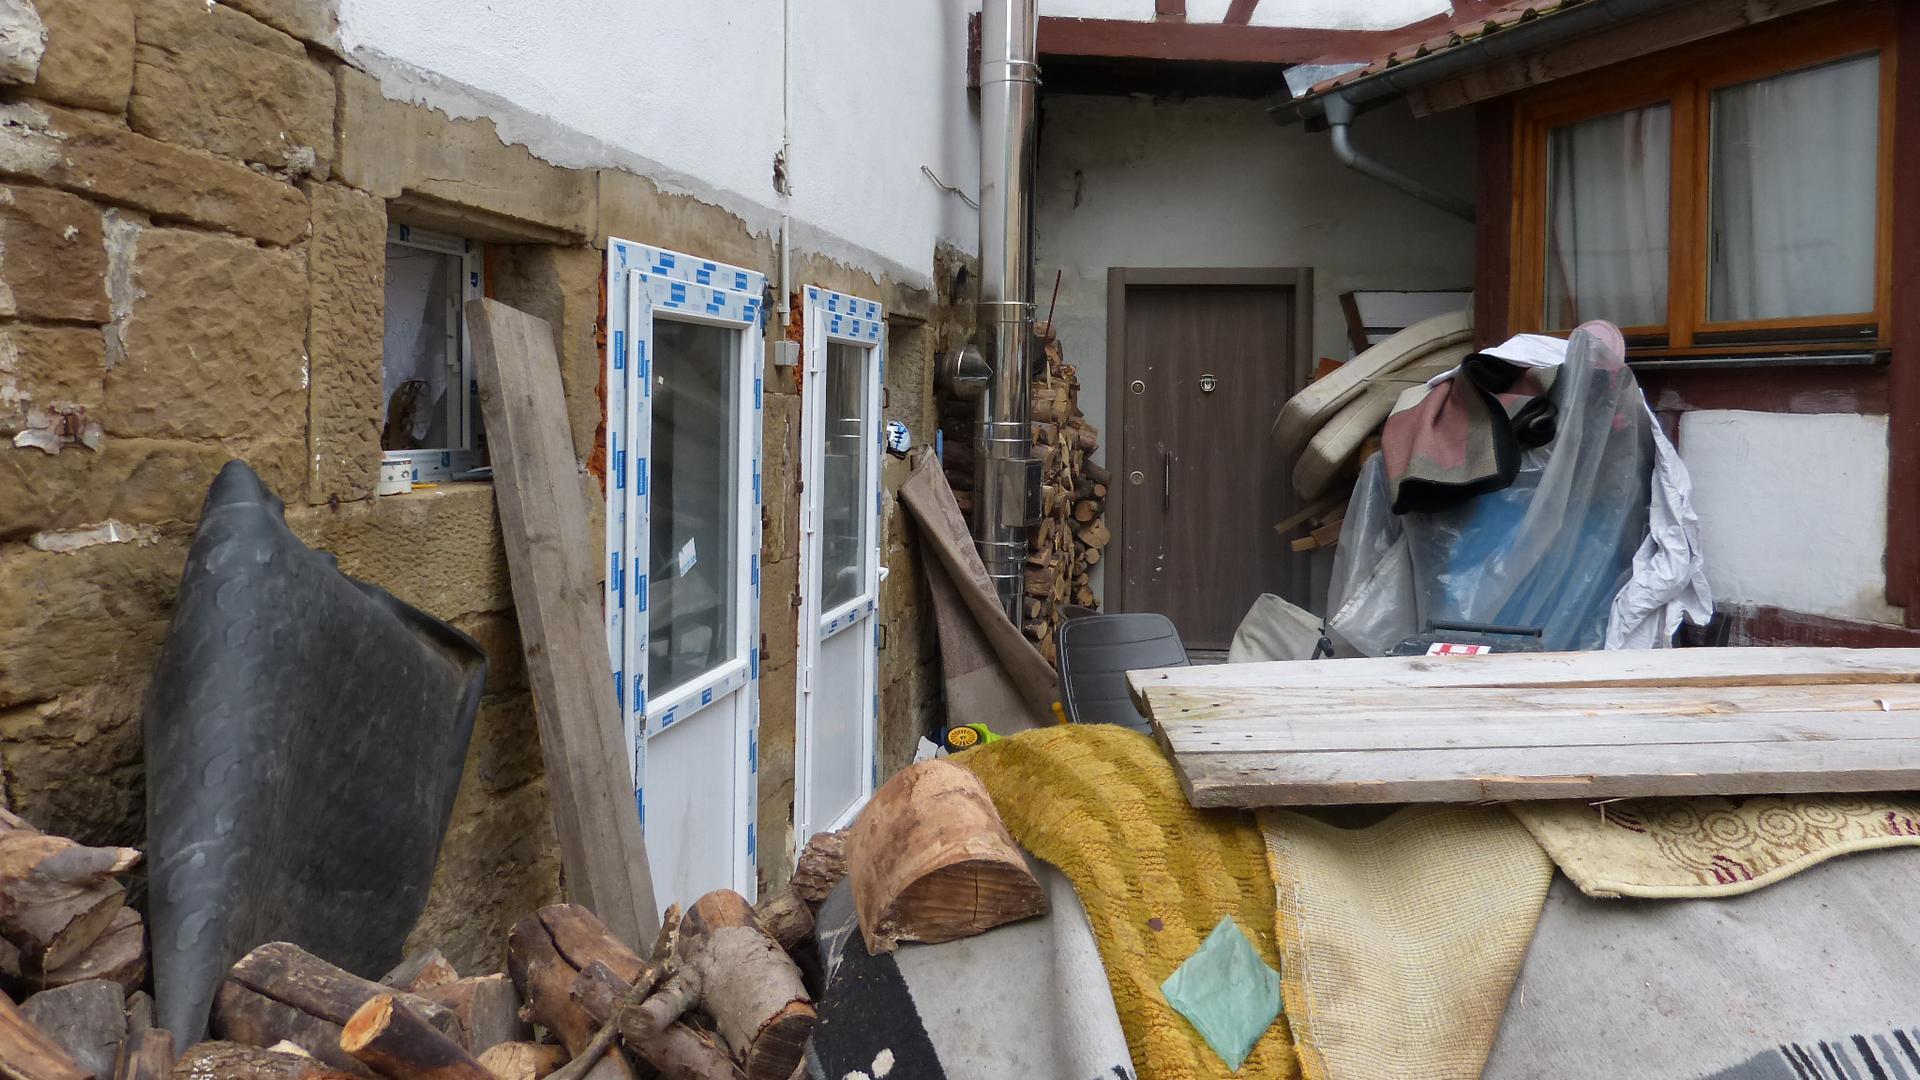 Der Eingang einer Scheune, die zu Wohnzwecken genutzt werden sollte, ist zugestellt.